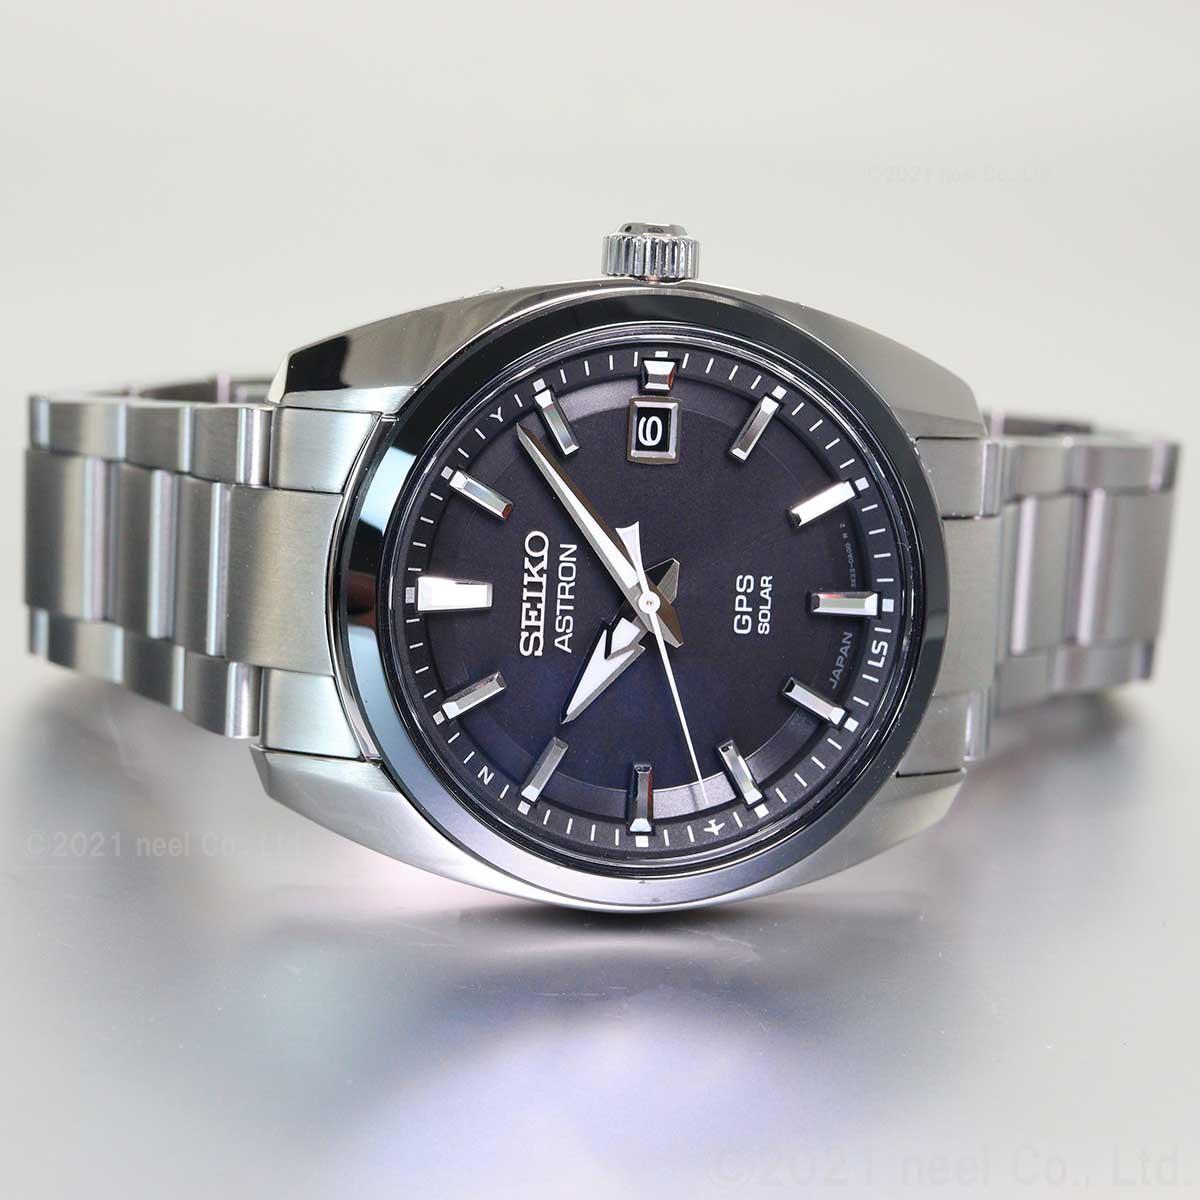 セイコー アストロン SEIKO ASTRON GPSソーラーウオッチ ソーラーGPS衛星電波時計 腕時計 メンズ SBXD005